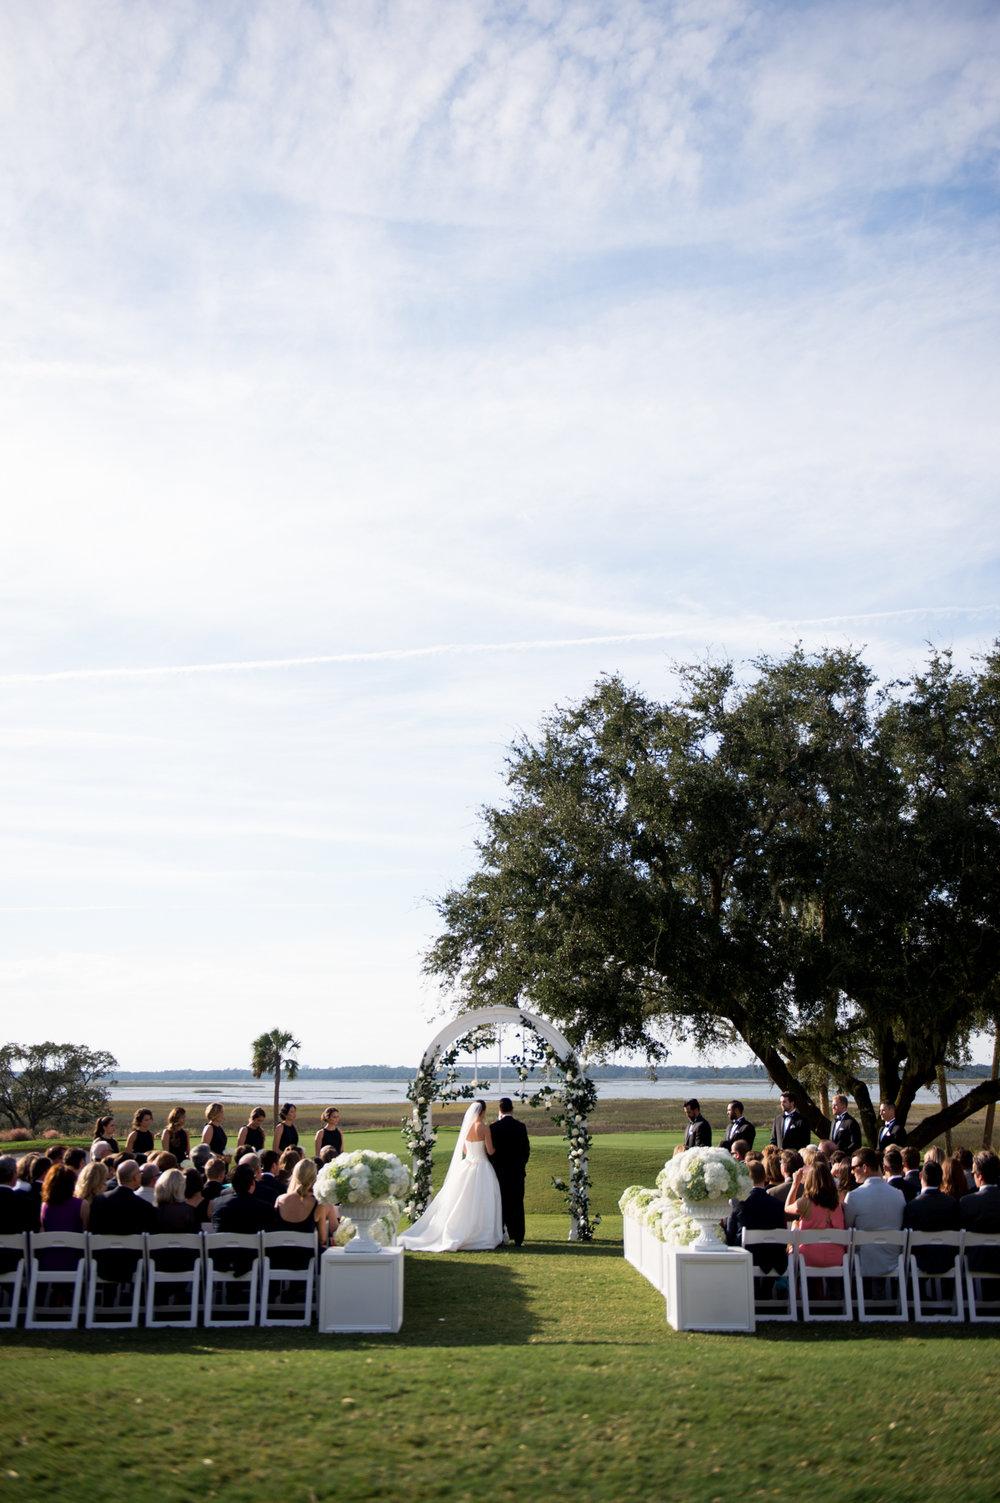 Southern wedding at Kiawah Island Golf Club